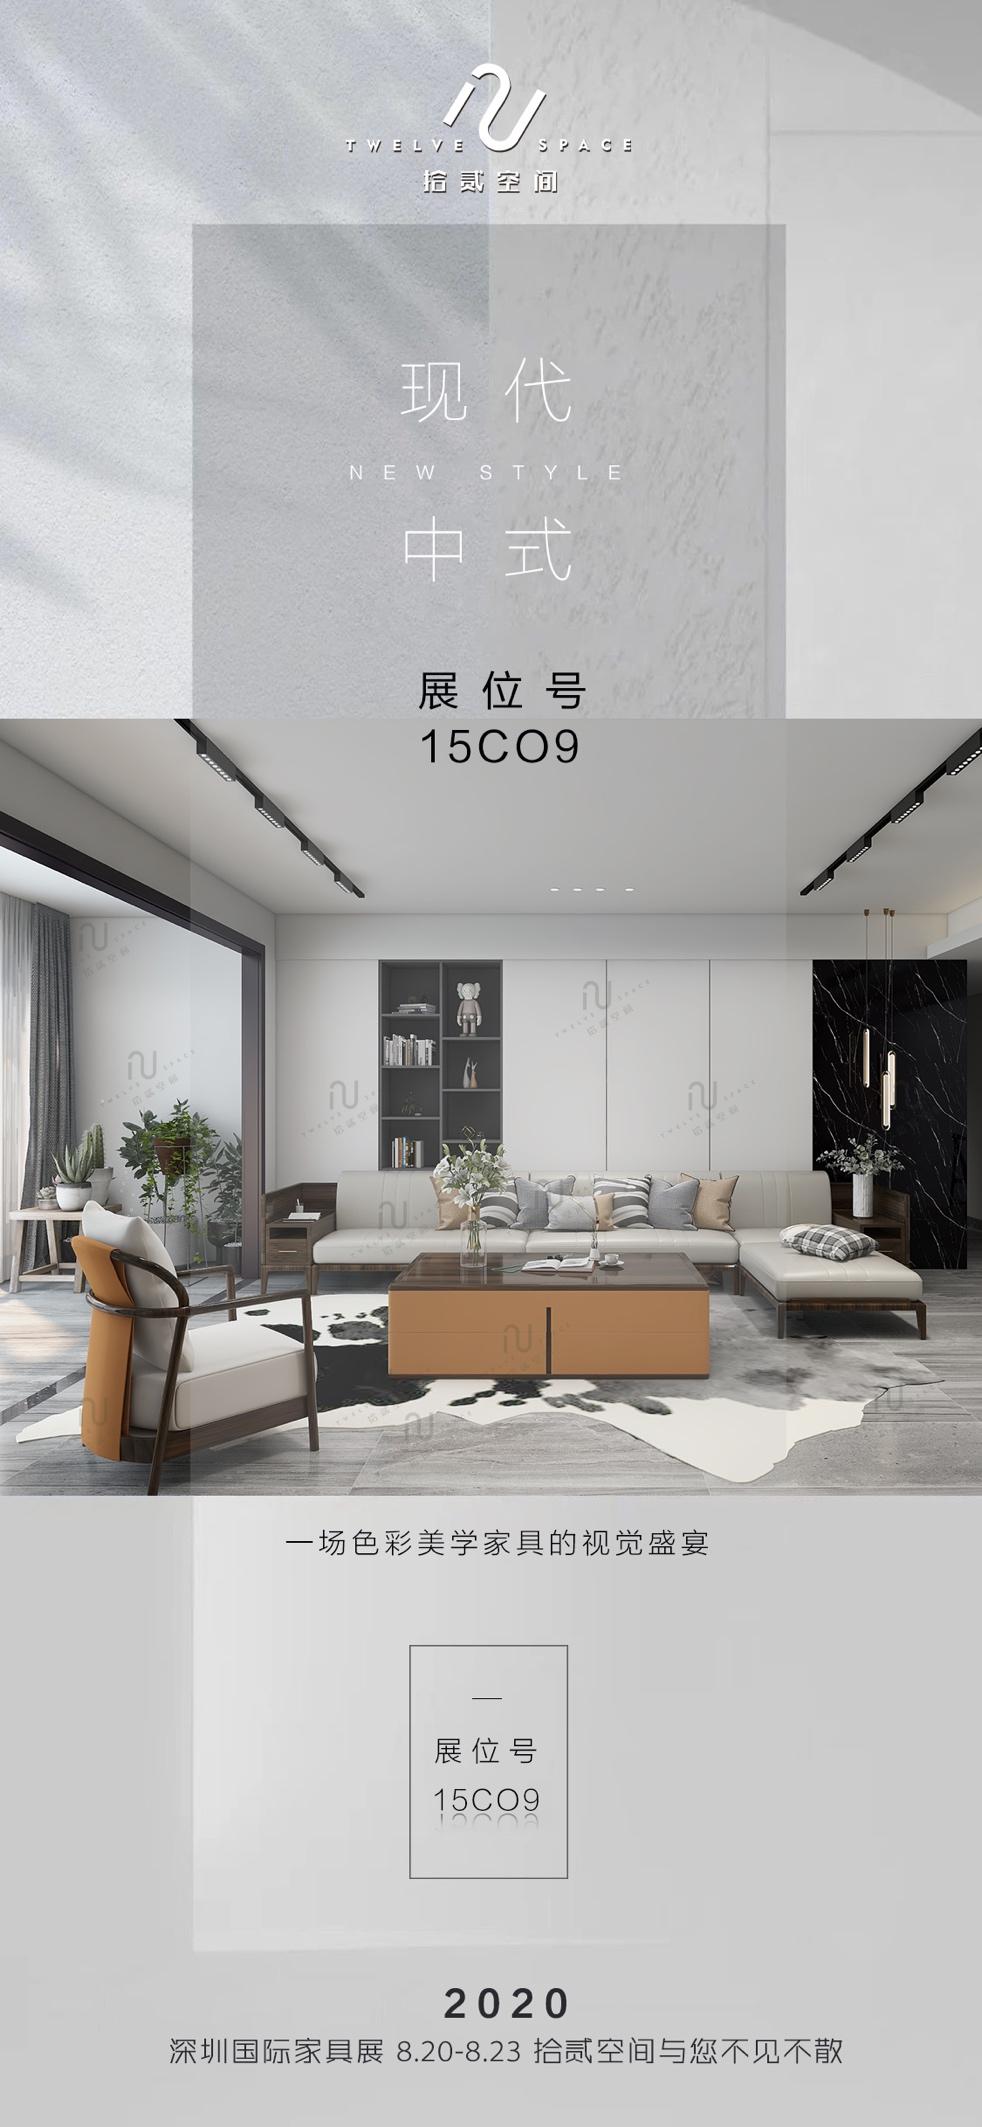 拾贰空间受邀参加本届2020年深圳国际家具展,展位号15C09